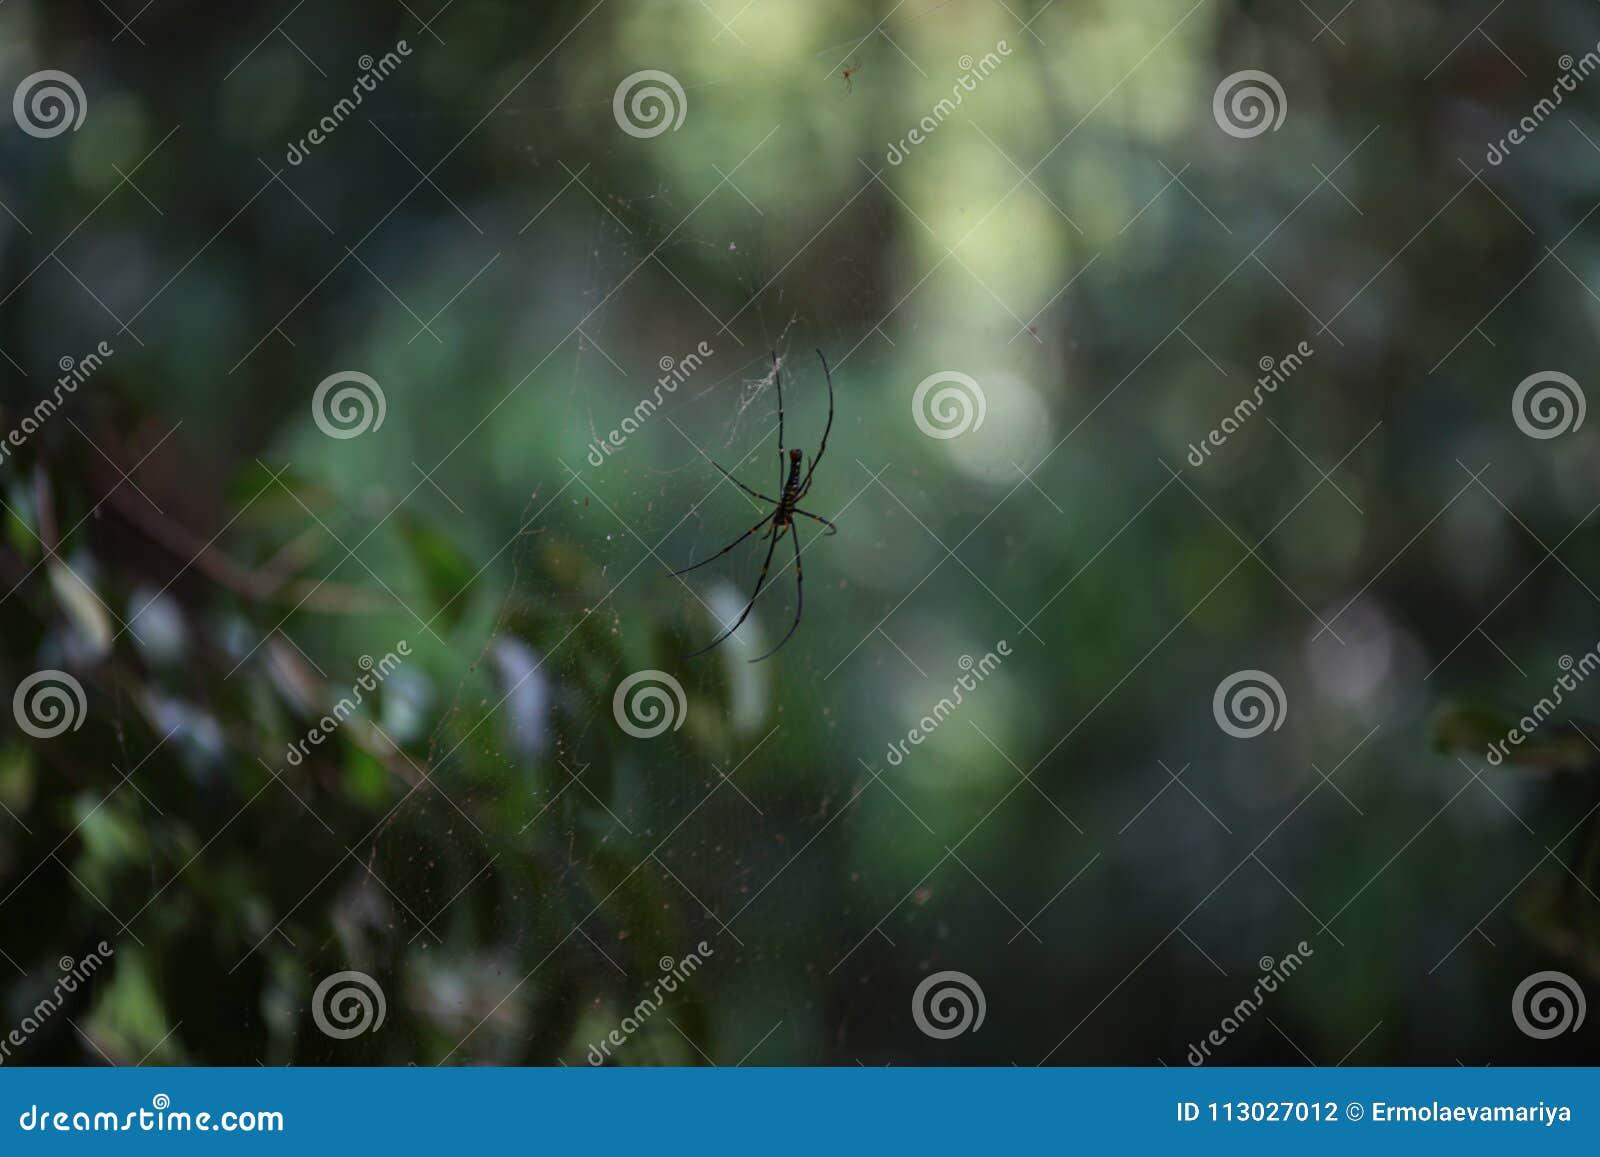 Araña en el web sobre fondo verde borroso del bosque